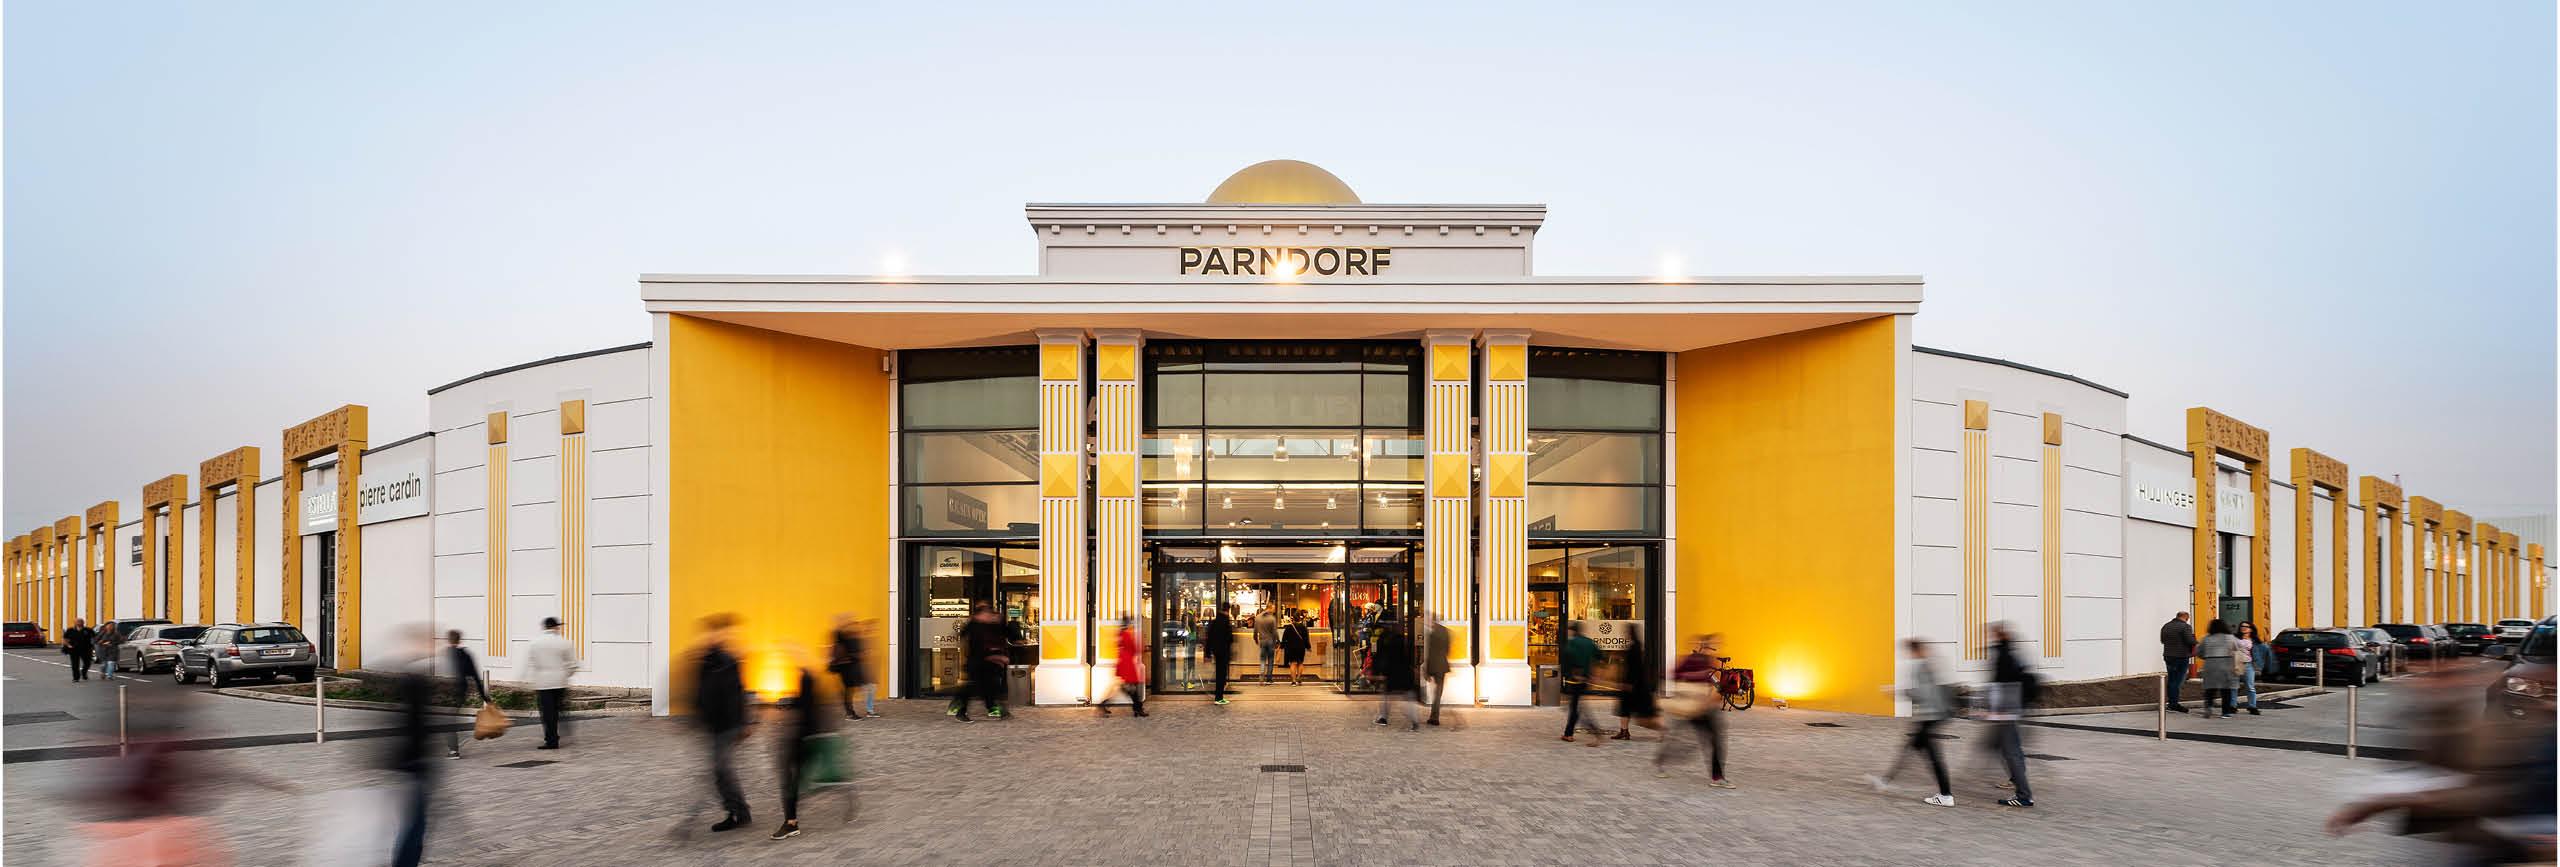 Shopping-Gutschein vom Parndorf Fashion Outlet